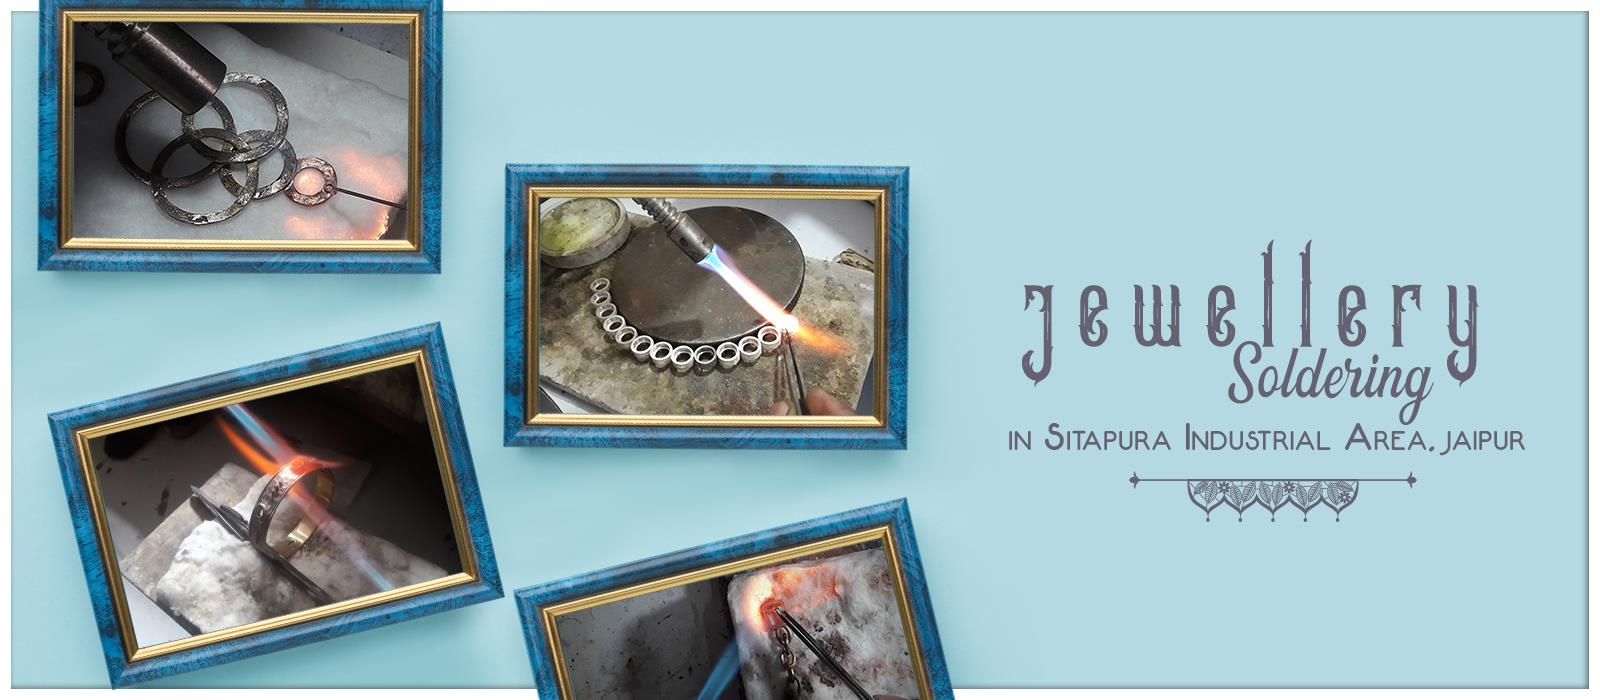 Jewelry Soldering